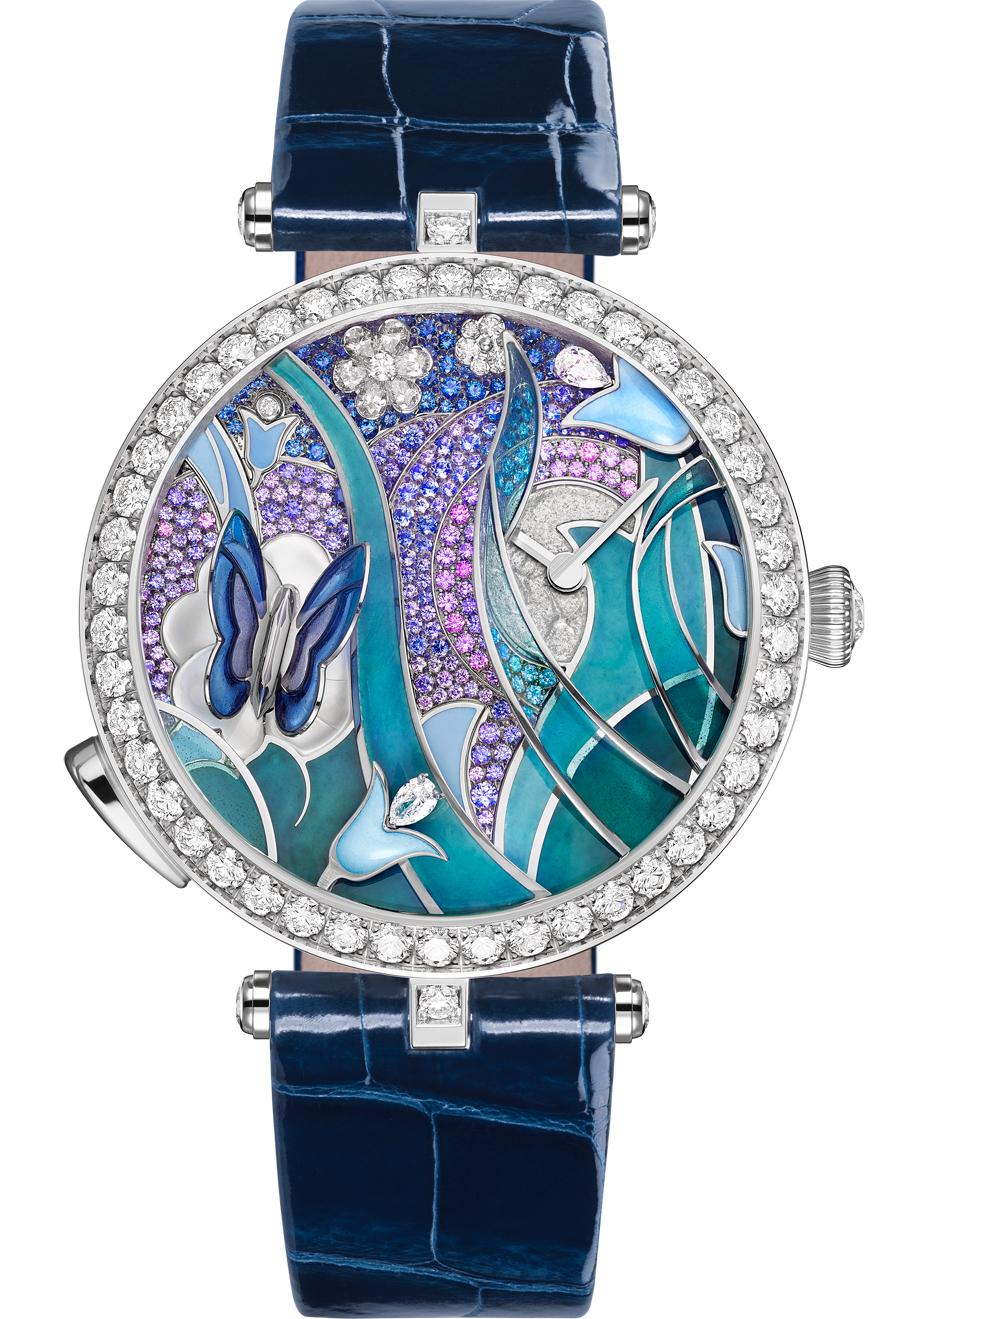 Reloj Lady Arpels Papillon Automate de Van Cleef & Arpels